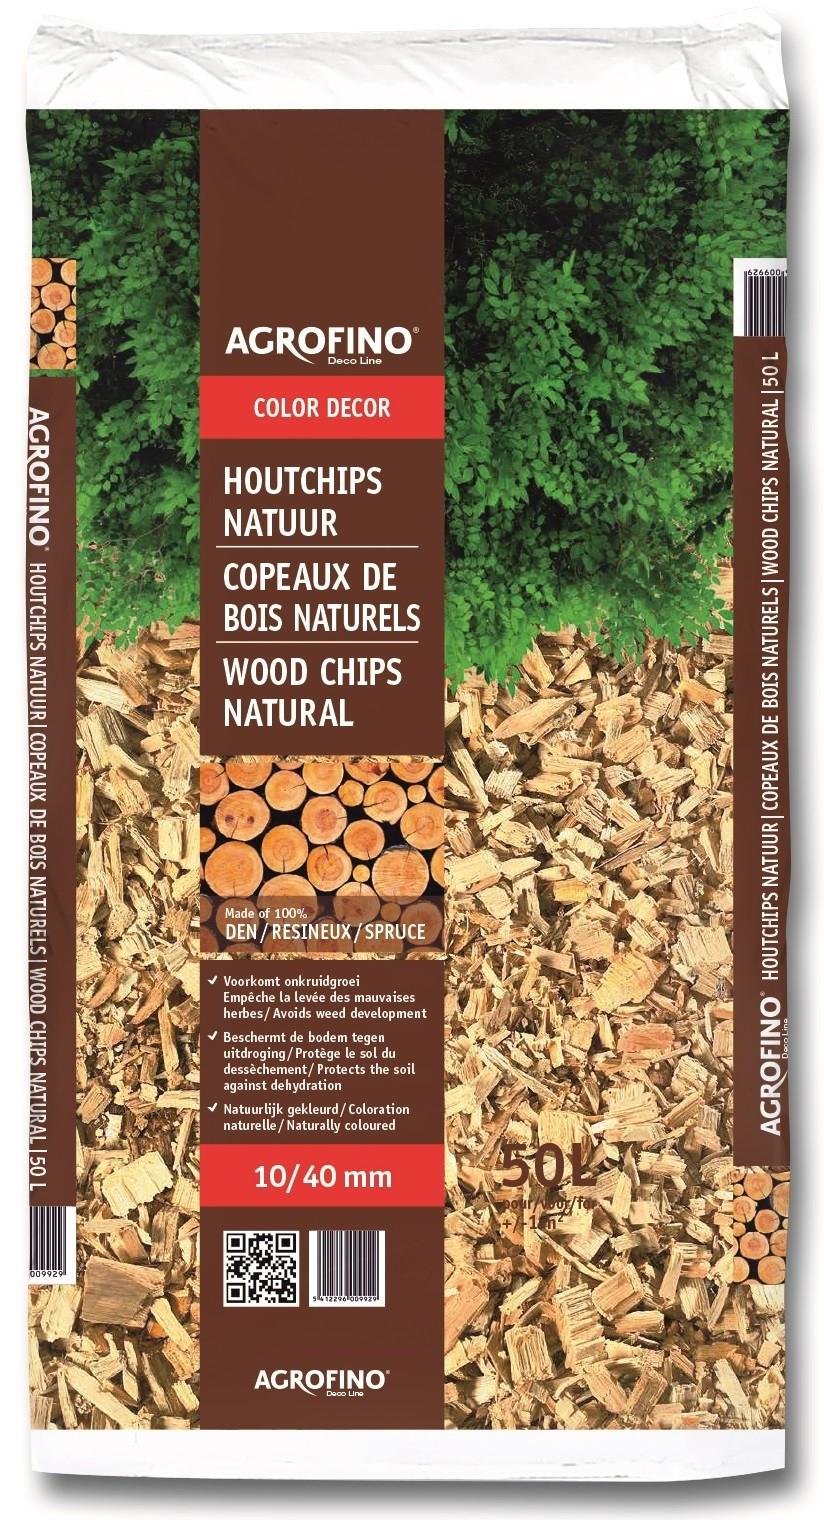 Copeaux De Bois Naturels 50 L Agrofino - Mr.bricolage intérieur Copeaux De Bois Jardin Pas Cher